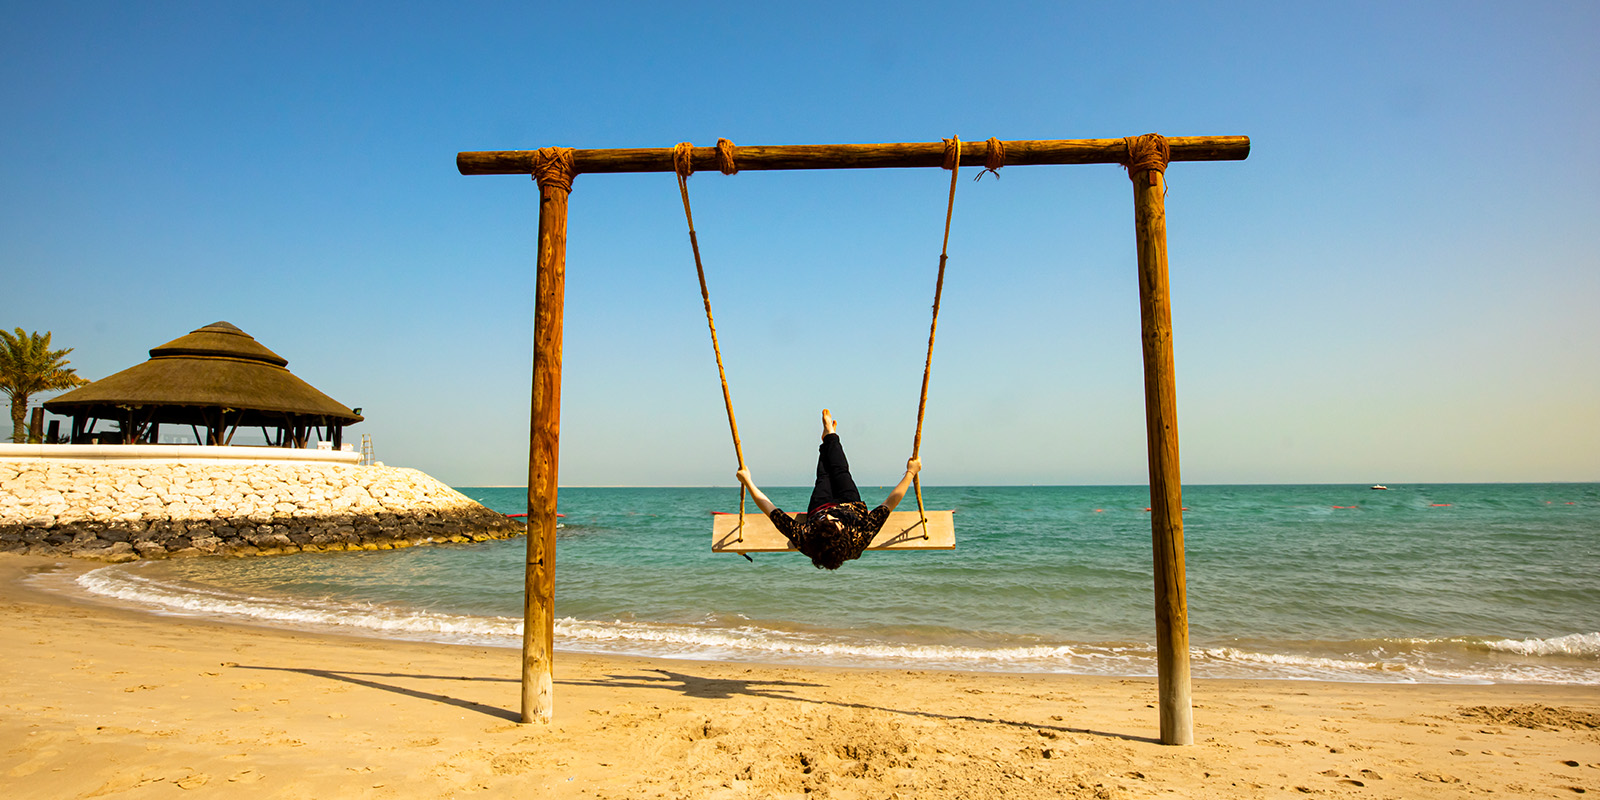 Beachfront Five Star Hotel in Corniche Doha